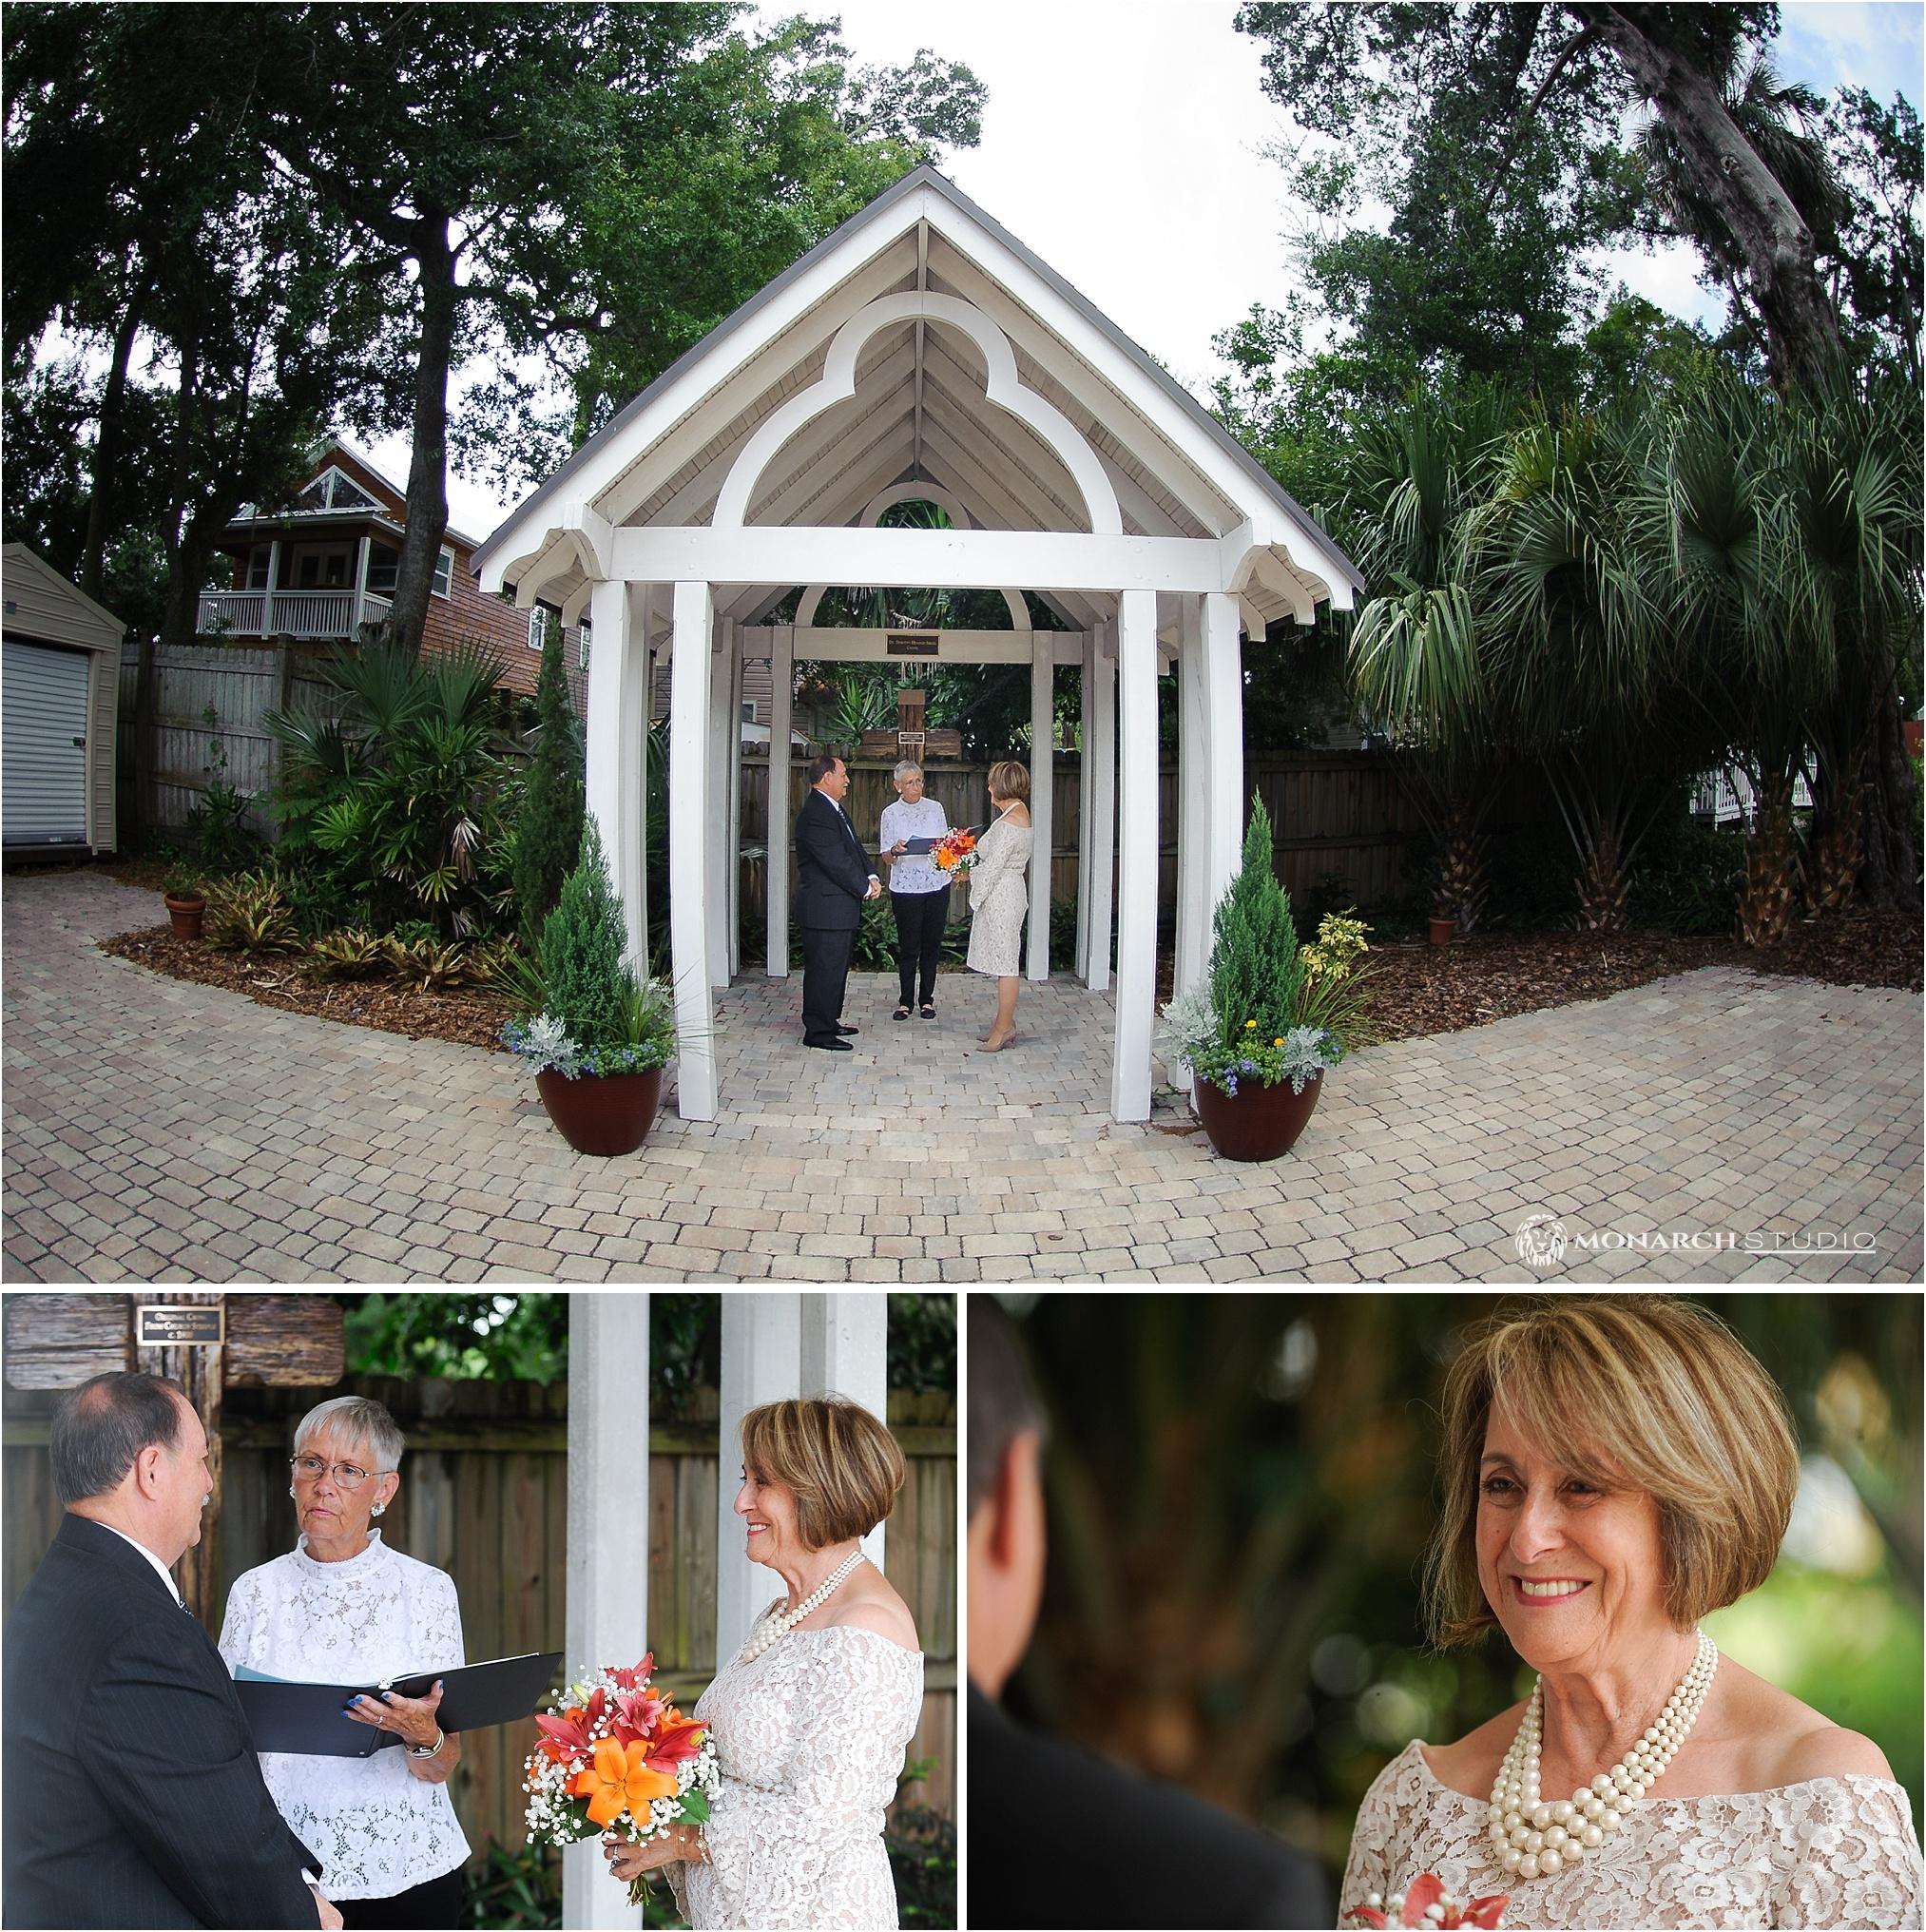 st-augustine-elopement-wedding-photographer- (1).jpg